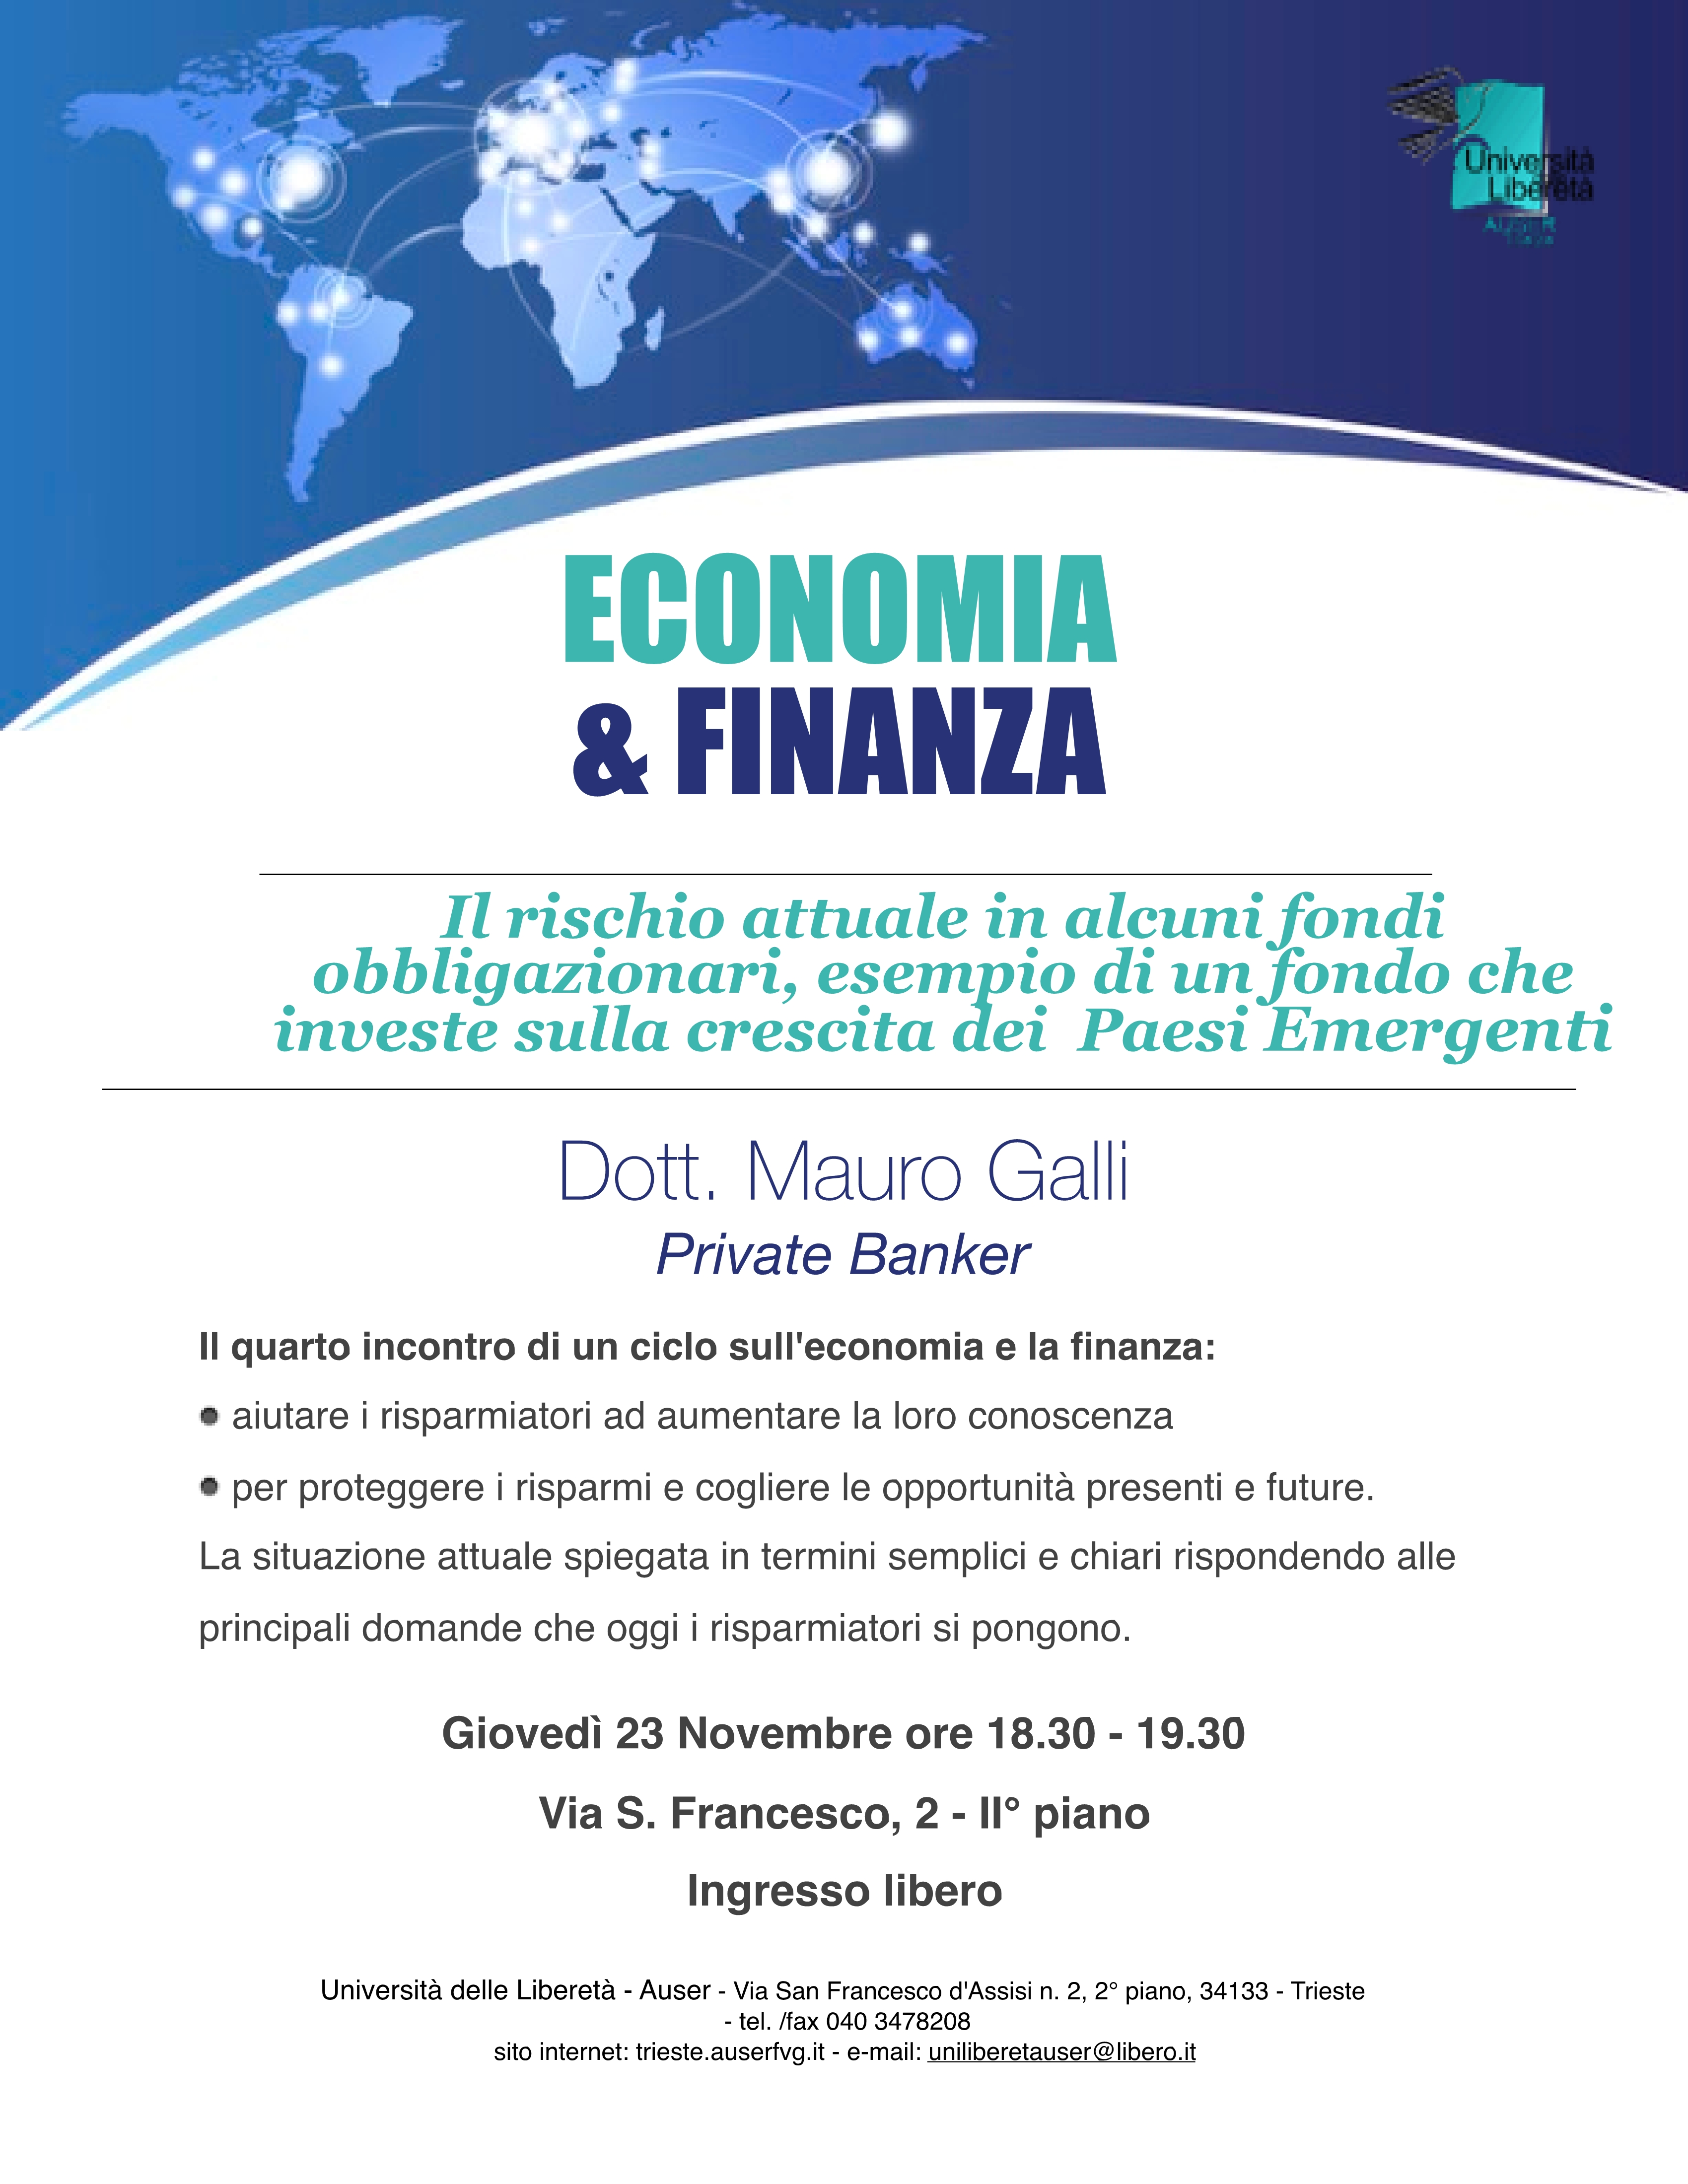 Economia e finanza 23 nov1